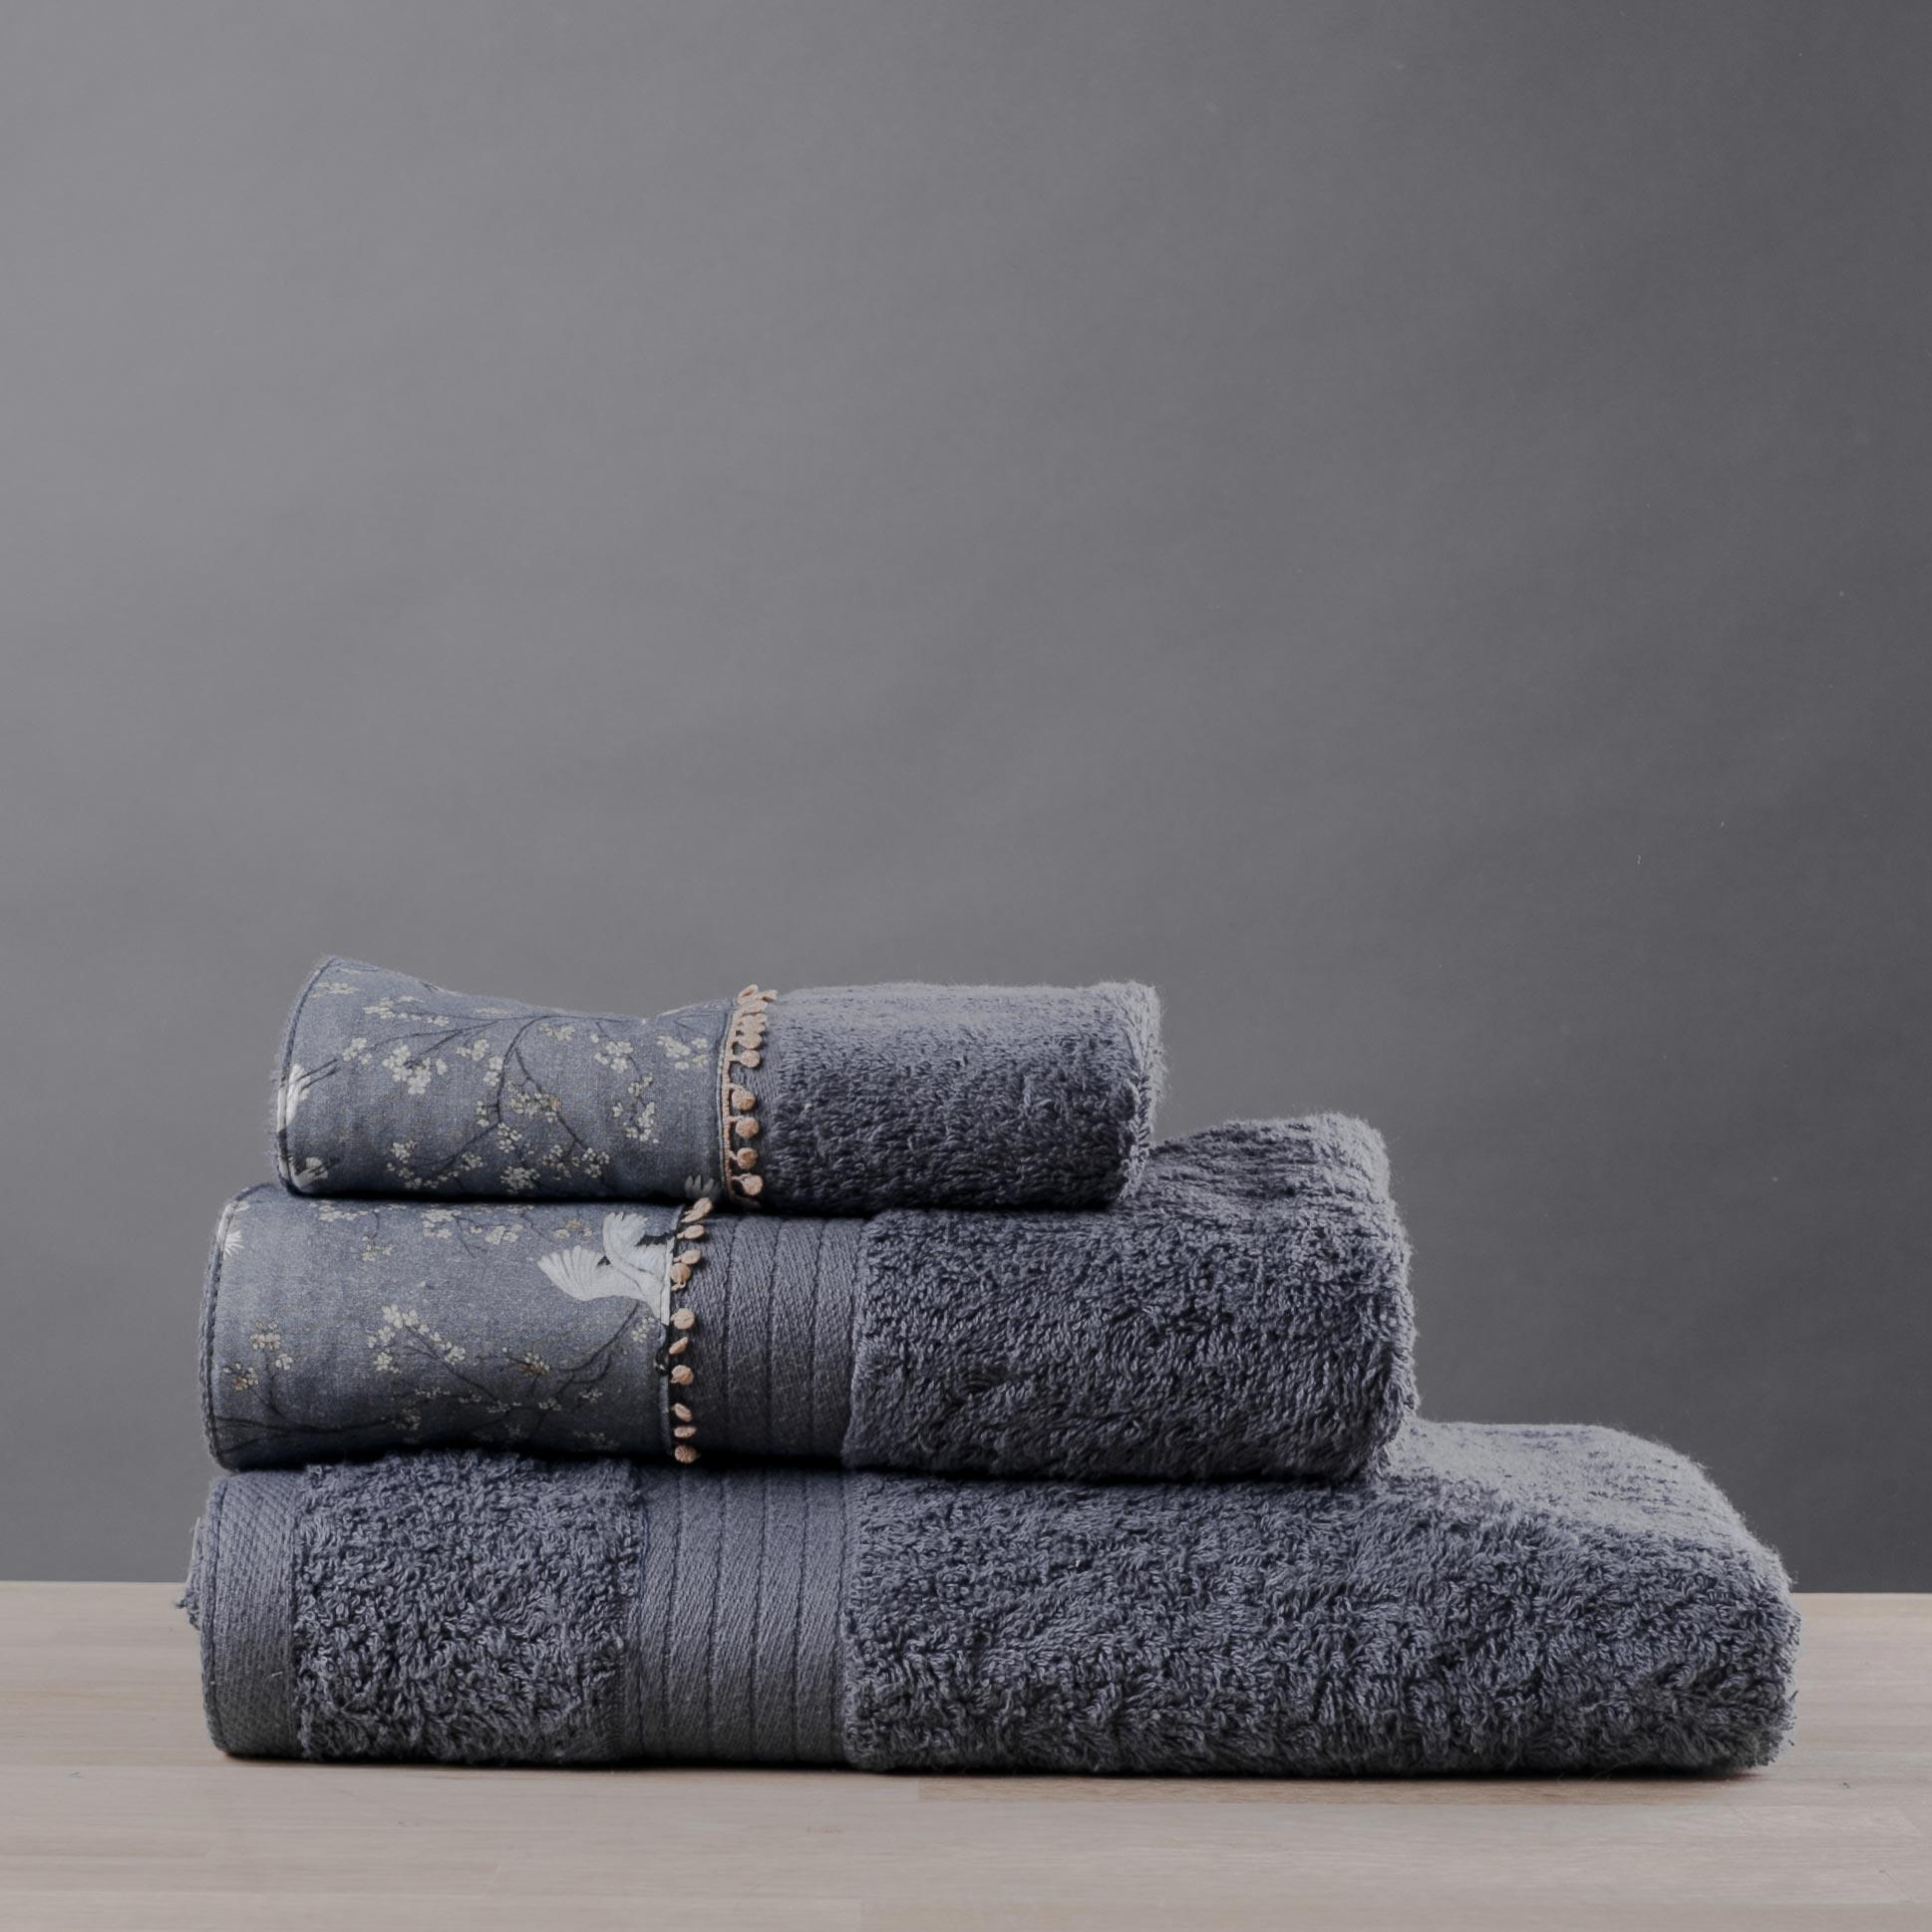 Πετσέτες Μπάνιου (Σετ 3τμχ) White Fabric Blue Bird Grey